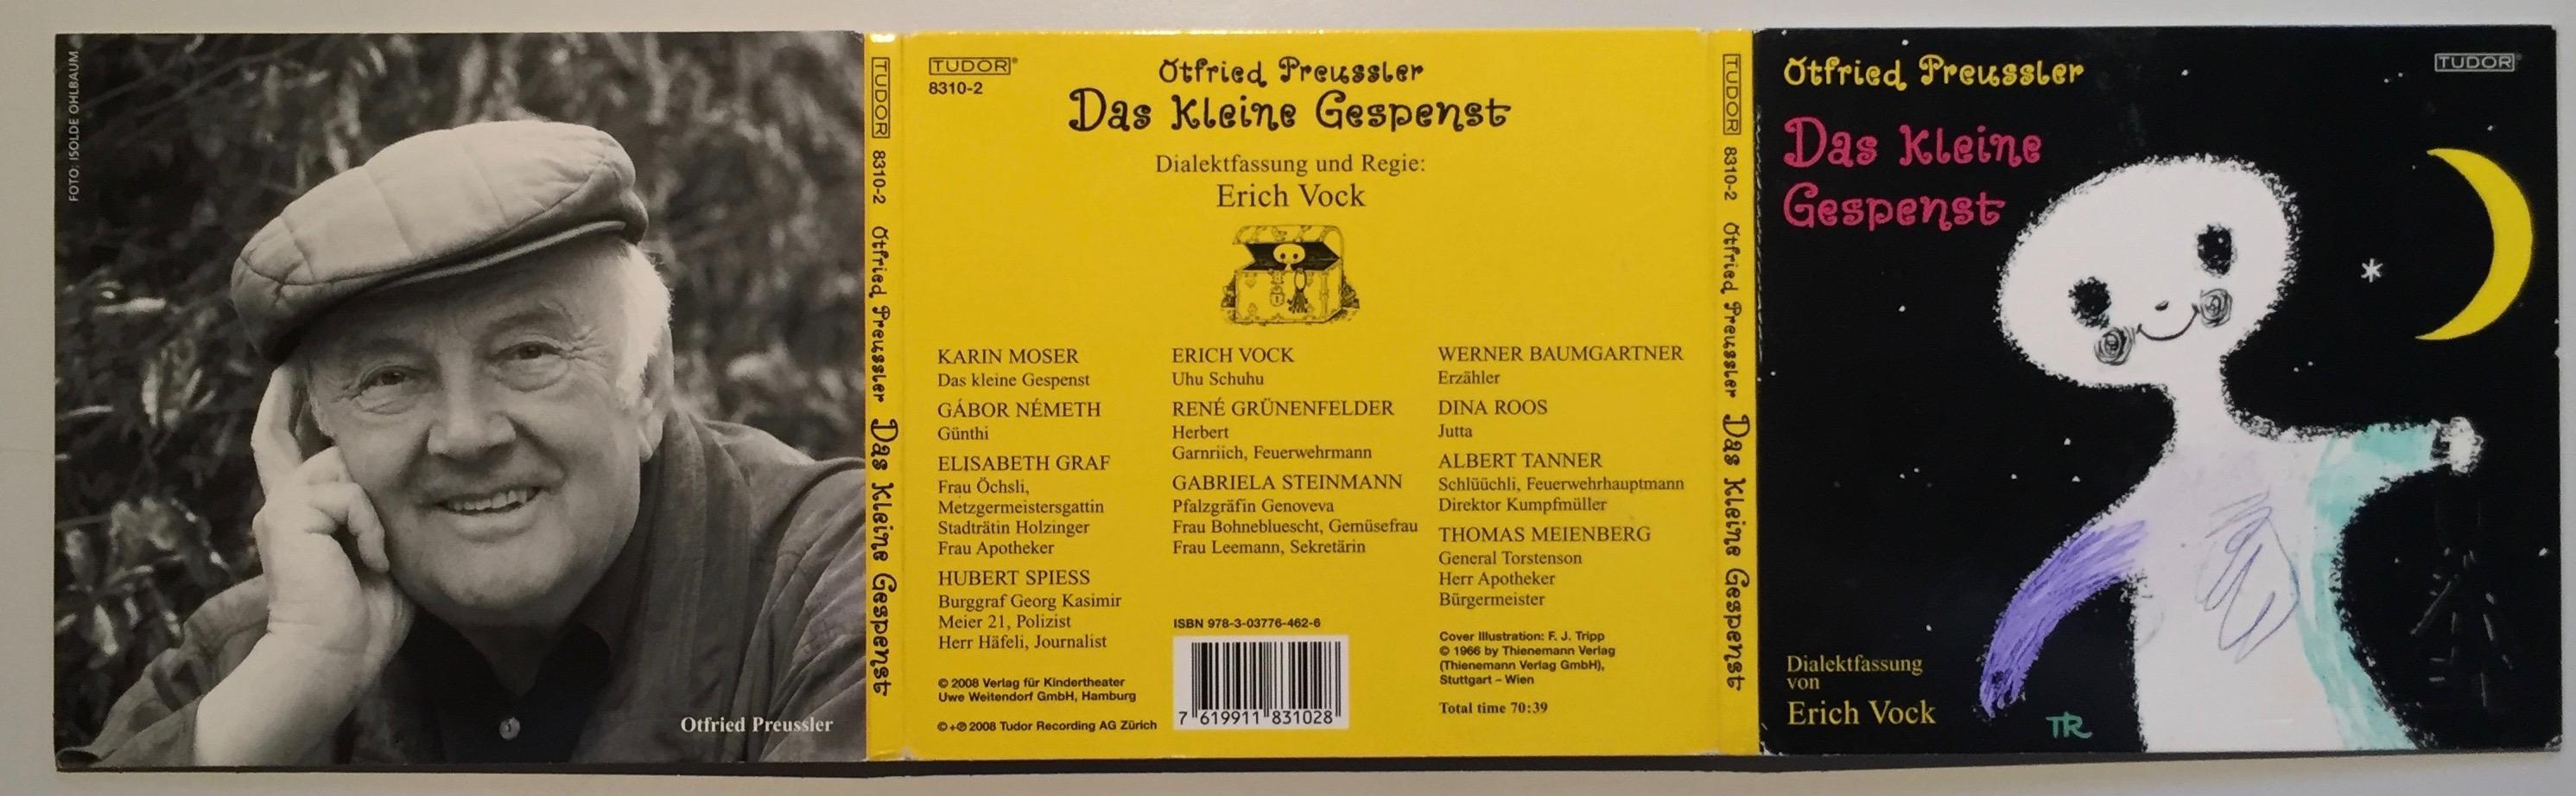 CD) Das kleine Gespenst. Dialektfassung: Erich Vock.: Preussler, Otfried